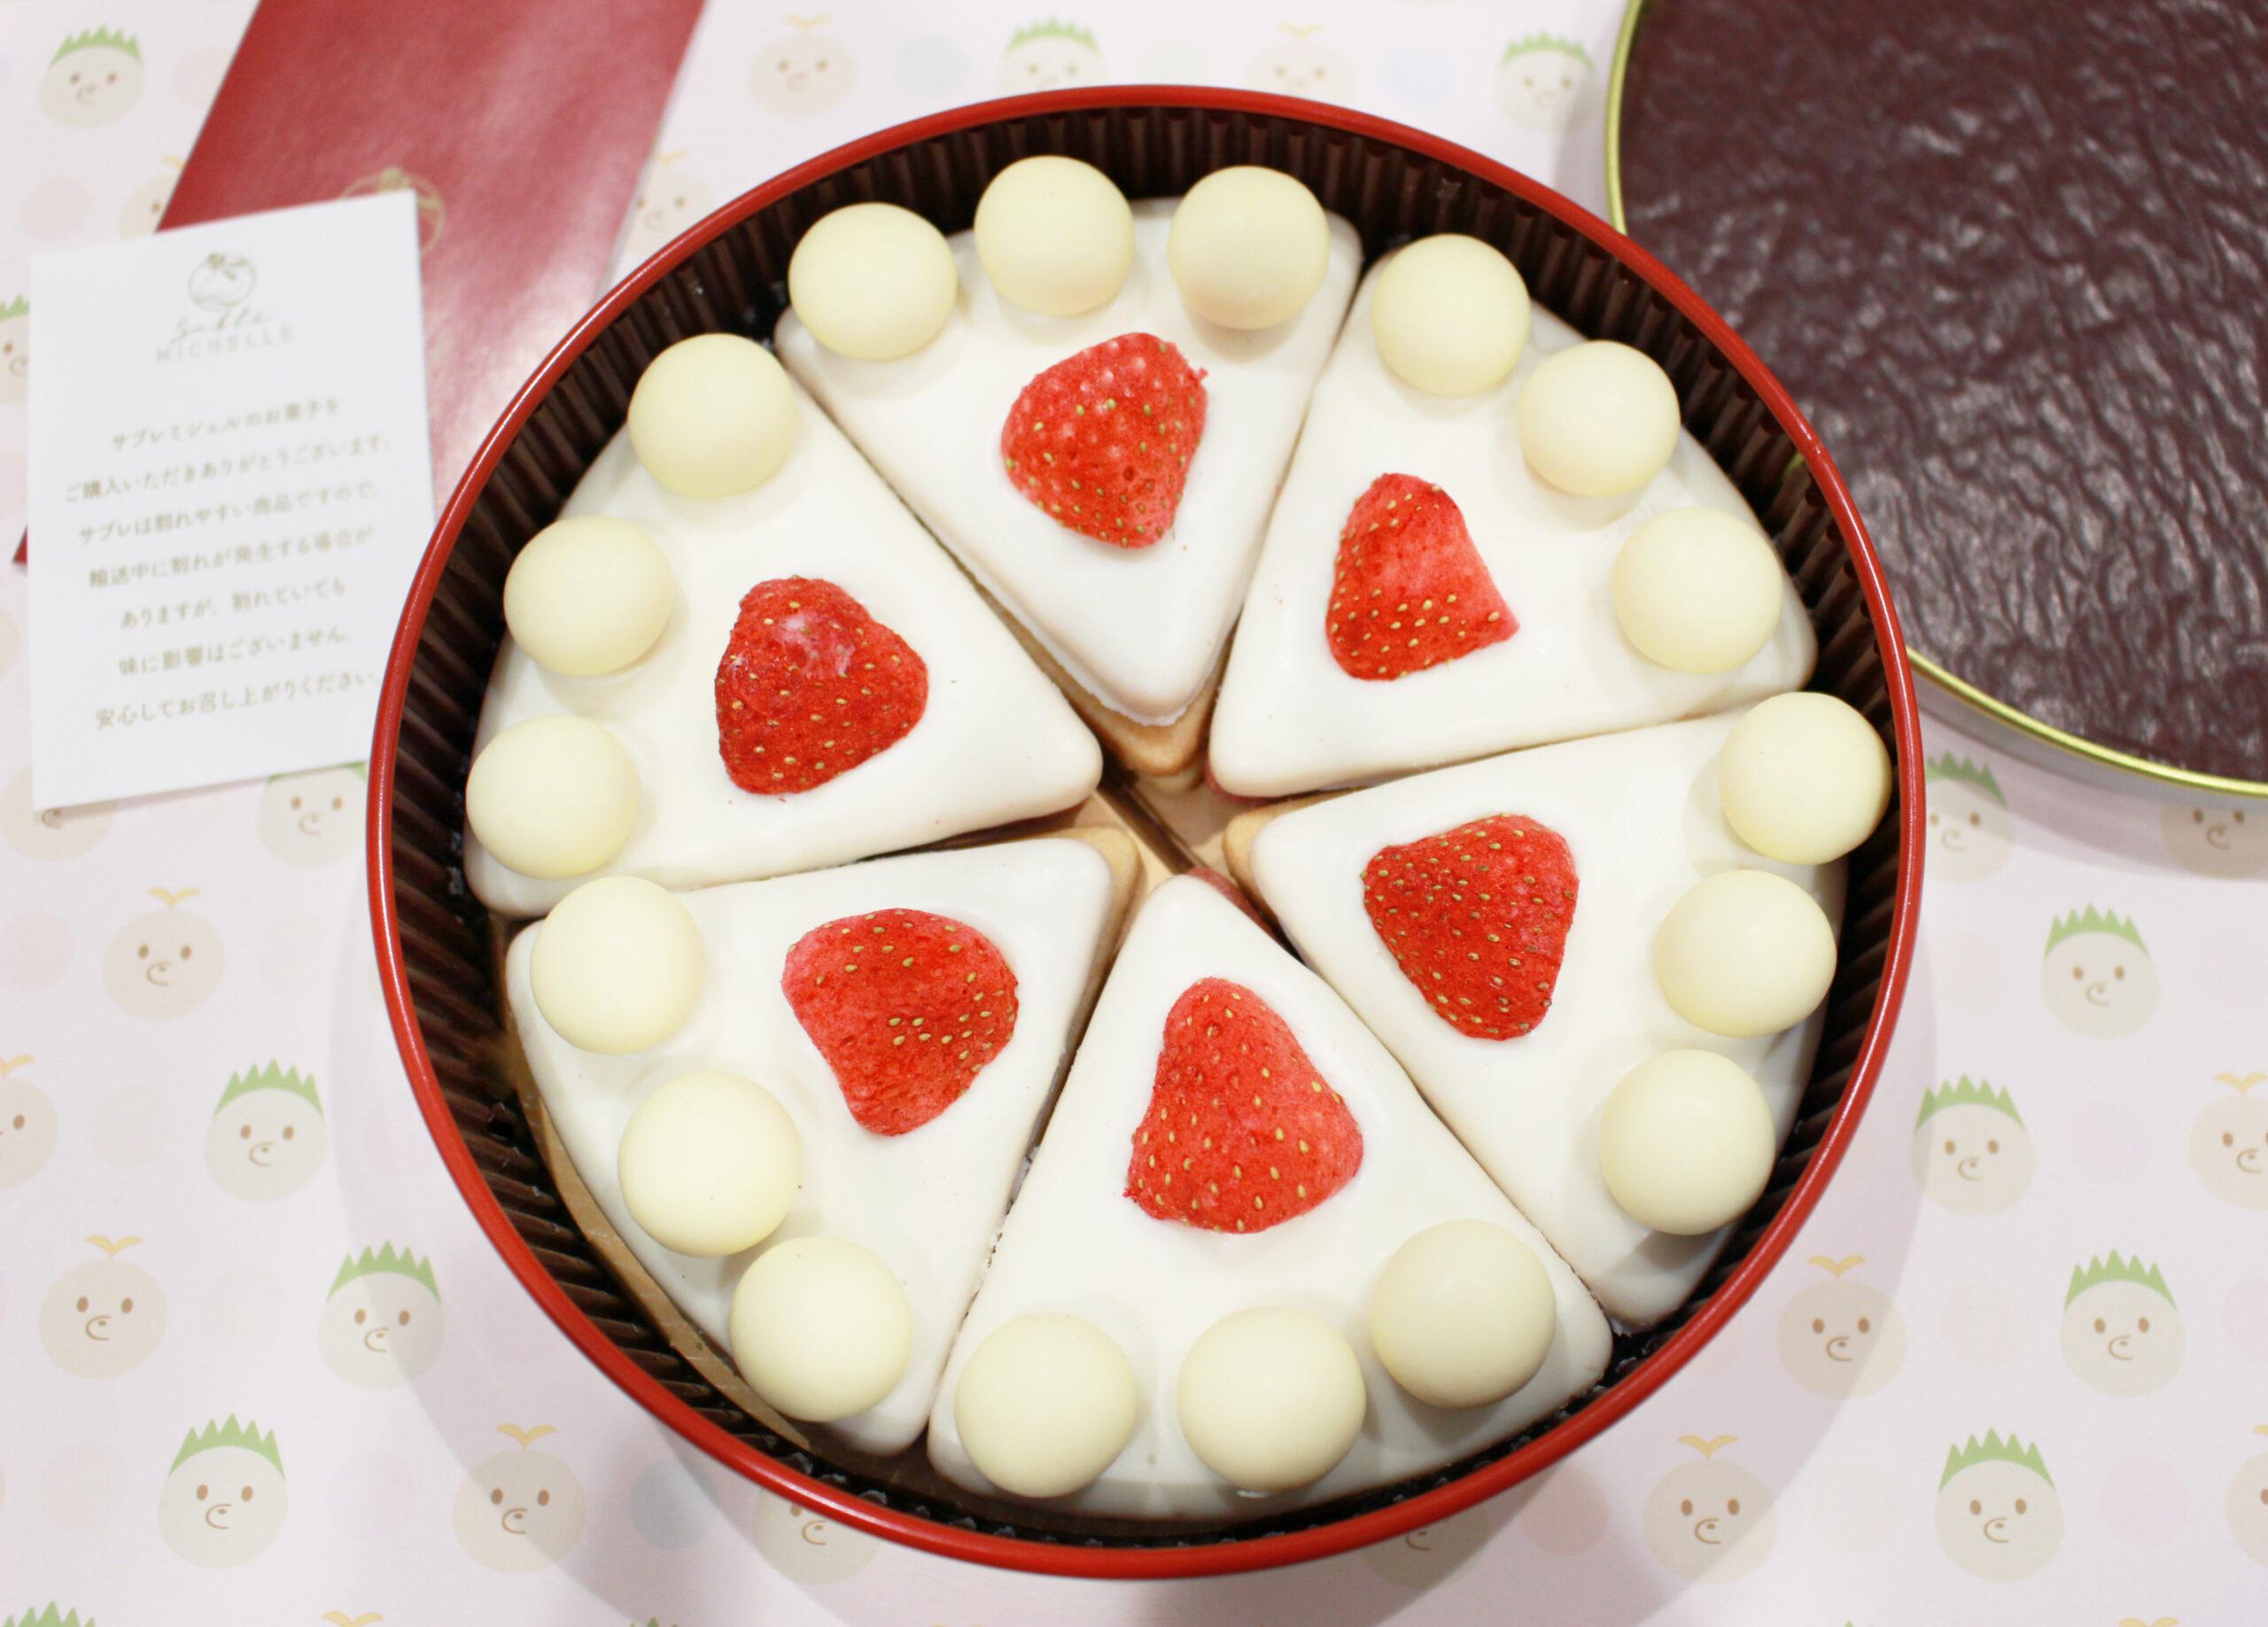 Sablé MICHELLE cake